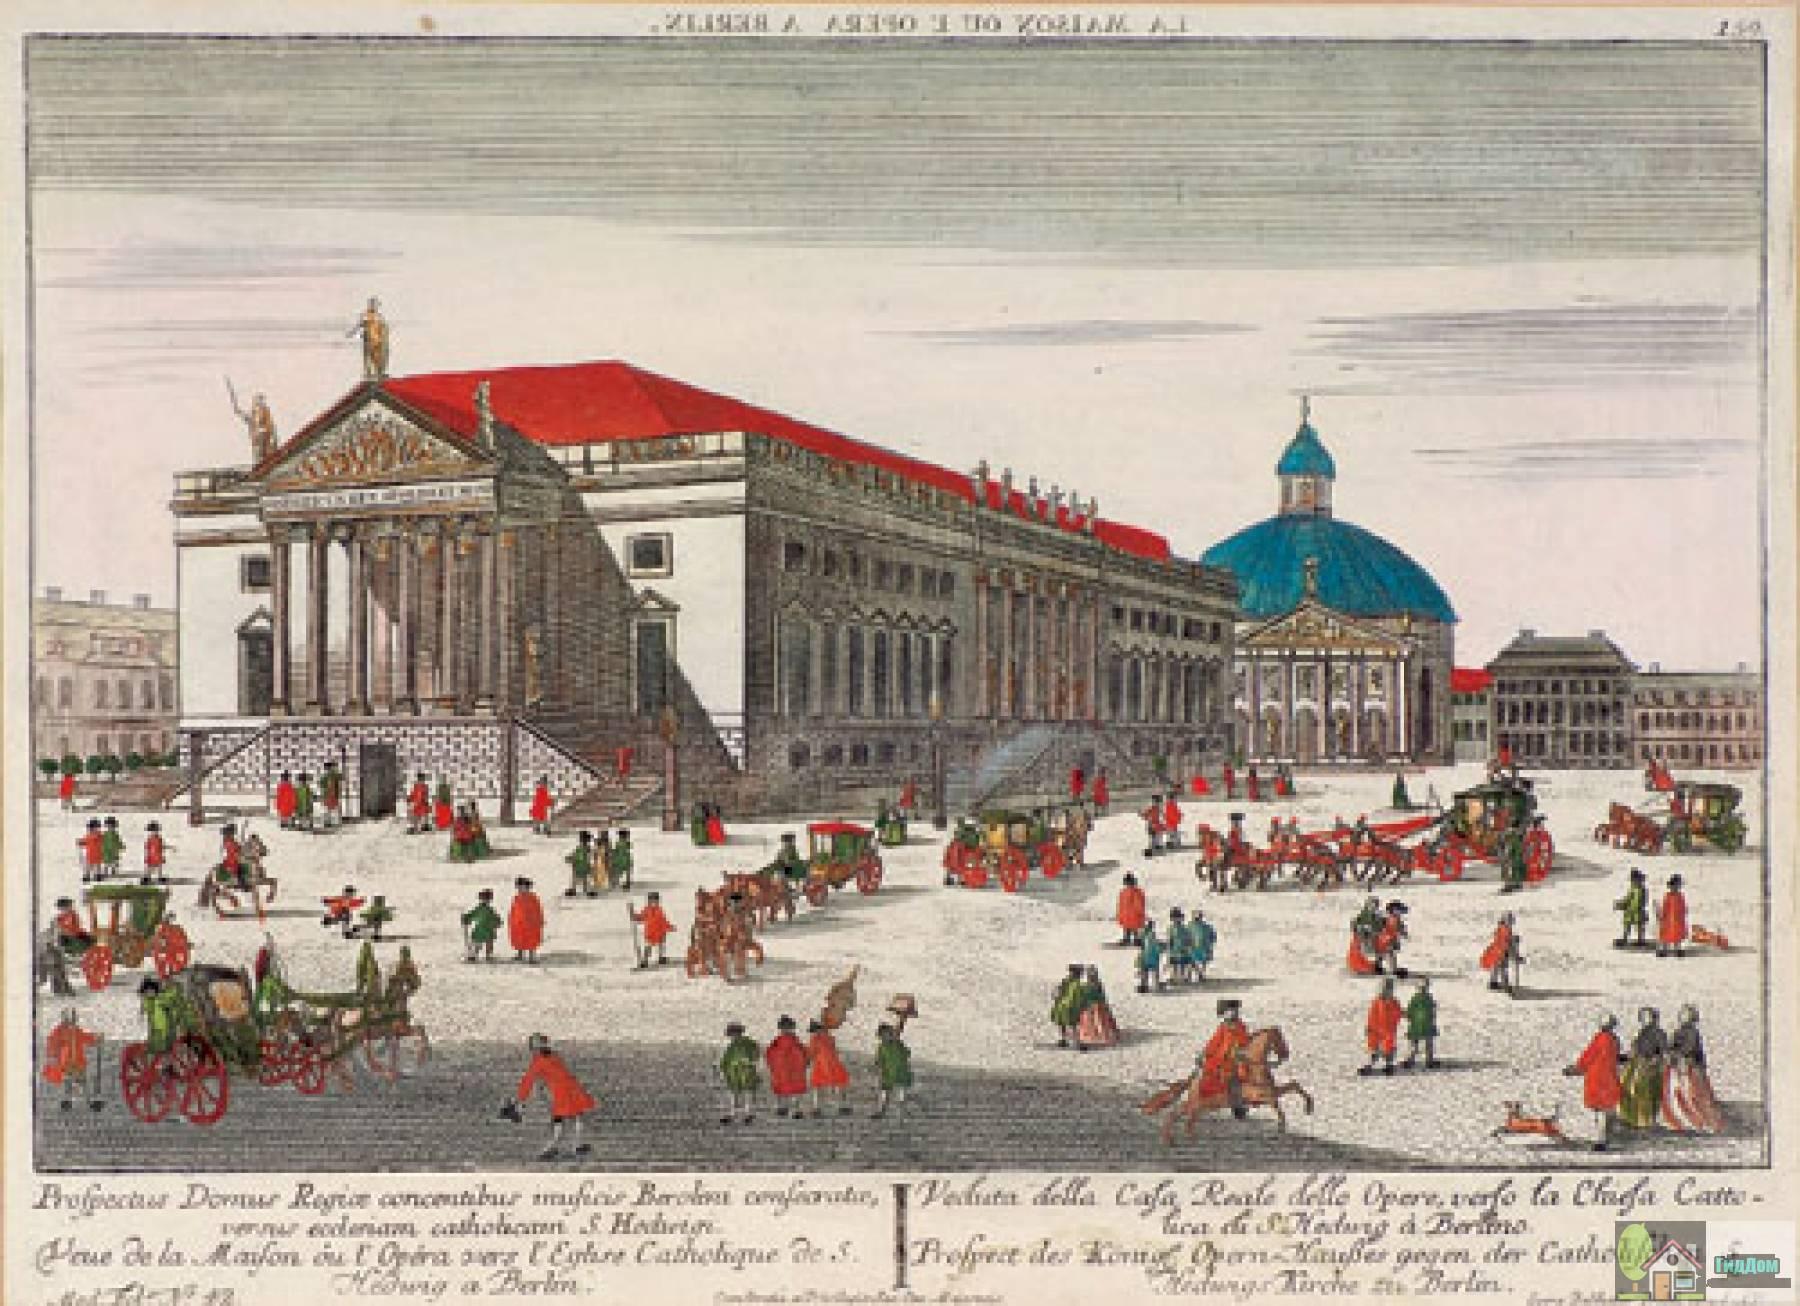 Панорама площади Бабеля в Берлине на рисунке конца XVII века Файл загружен из открытых источников.